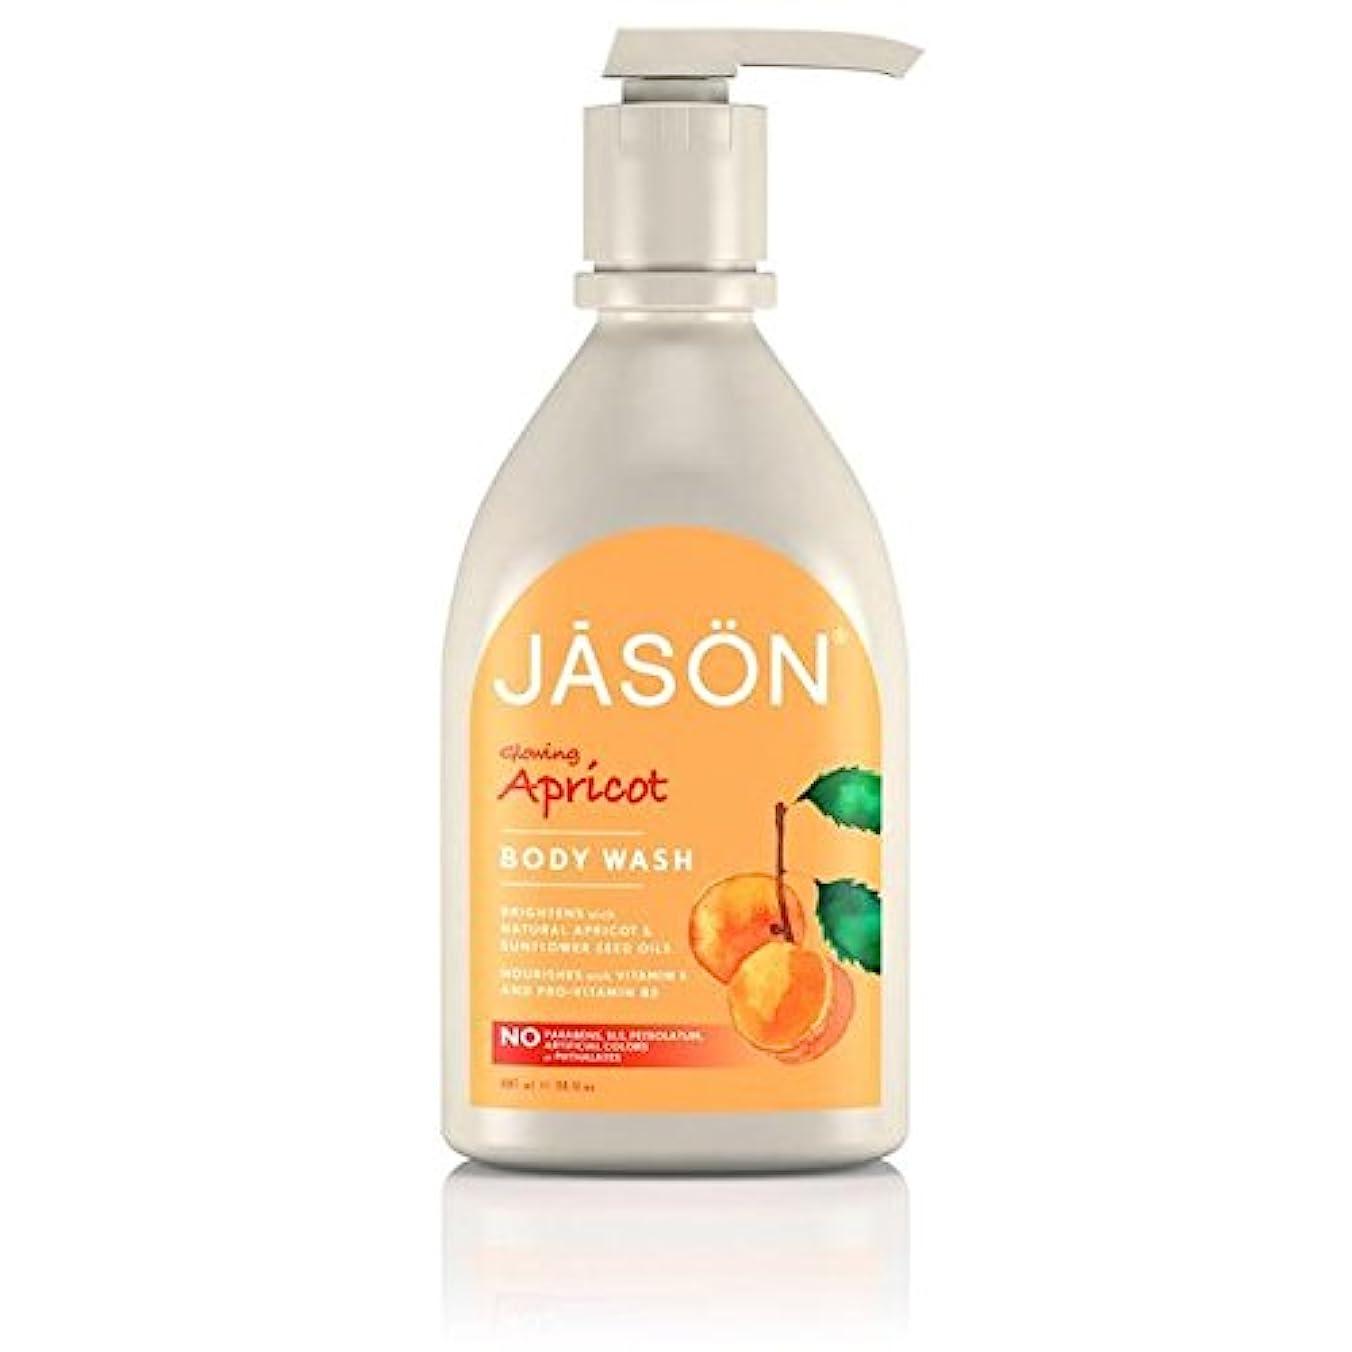 エンコミウム靴下パリティJason Apricot Satin Body Wash Pump 900ml - ジェイソン?アプリコットサテンボディウォッシュポンプ900ミリリットル [並行輸入品]